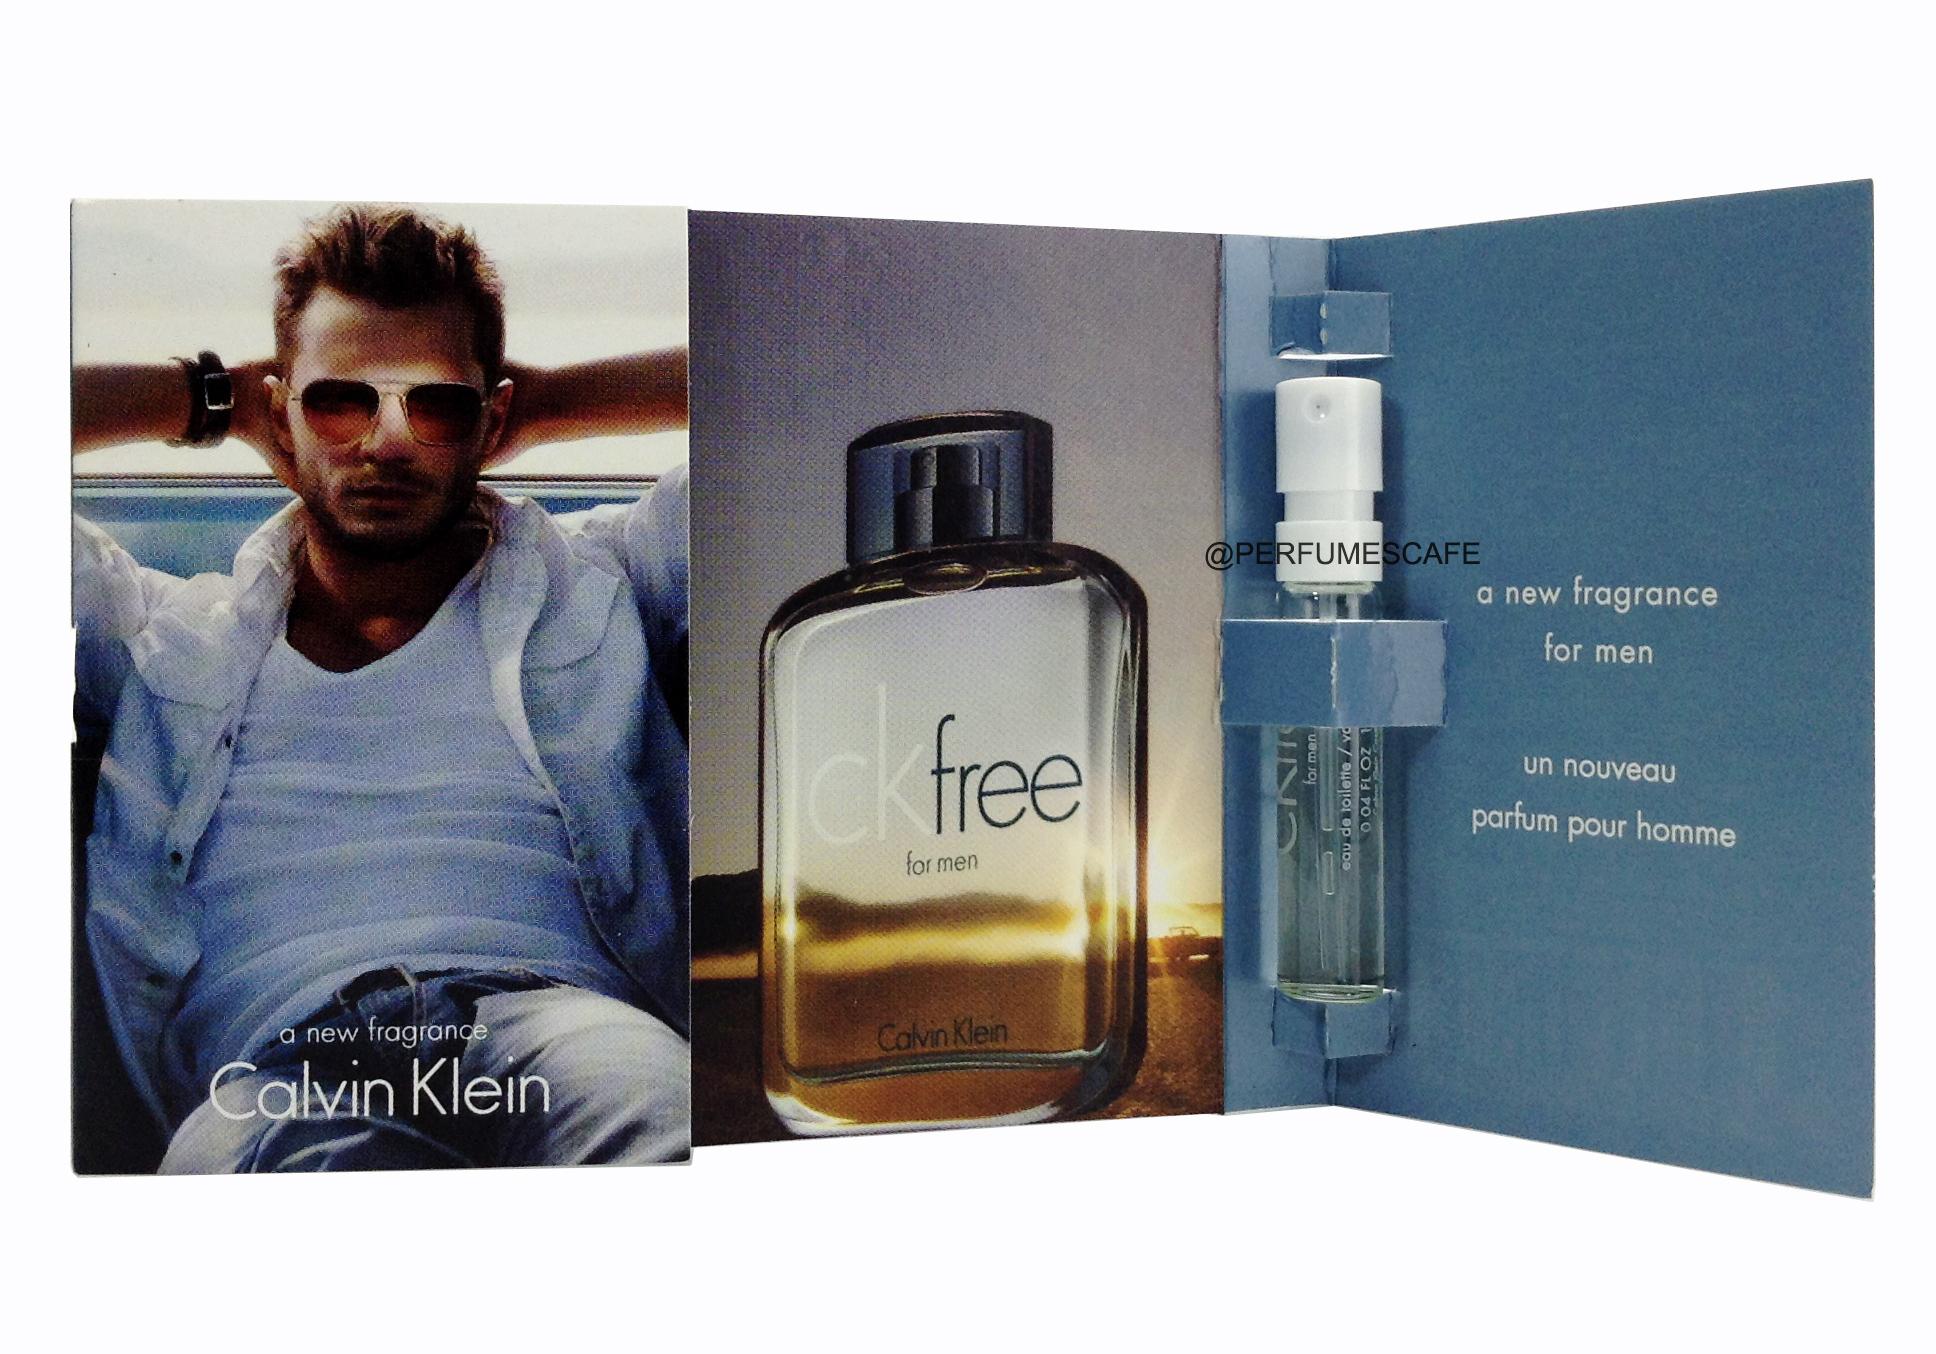 น้ำหอม Calvin Klein CK Free For Men ขนาดทดลอง 1.2ml